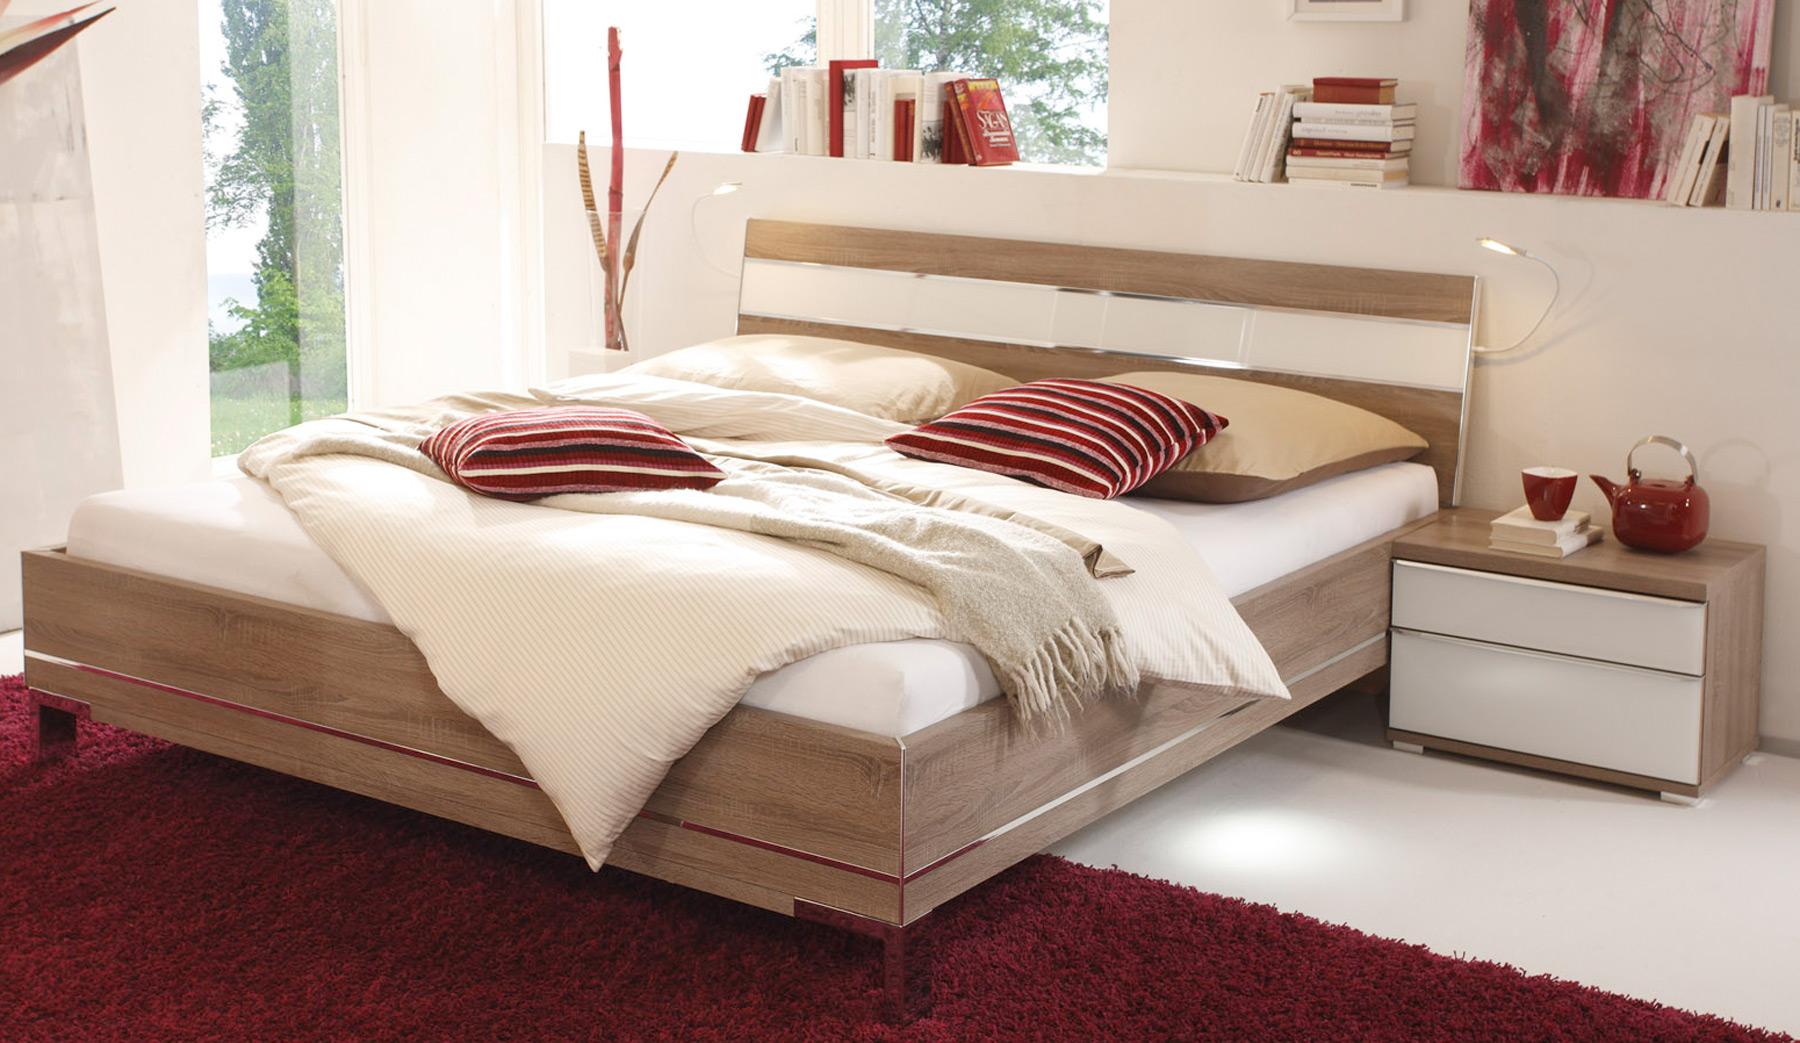 Staud Sinfonie Plus Bett Komforthöhe viele Größen und Farben